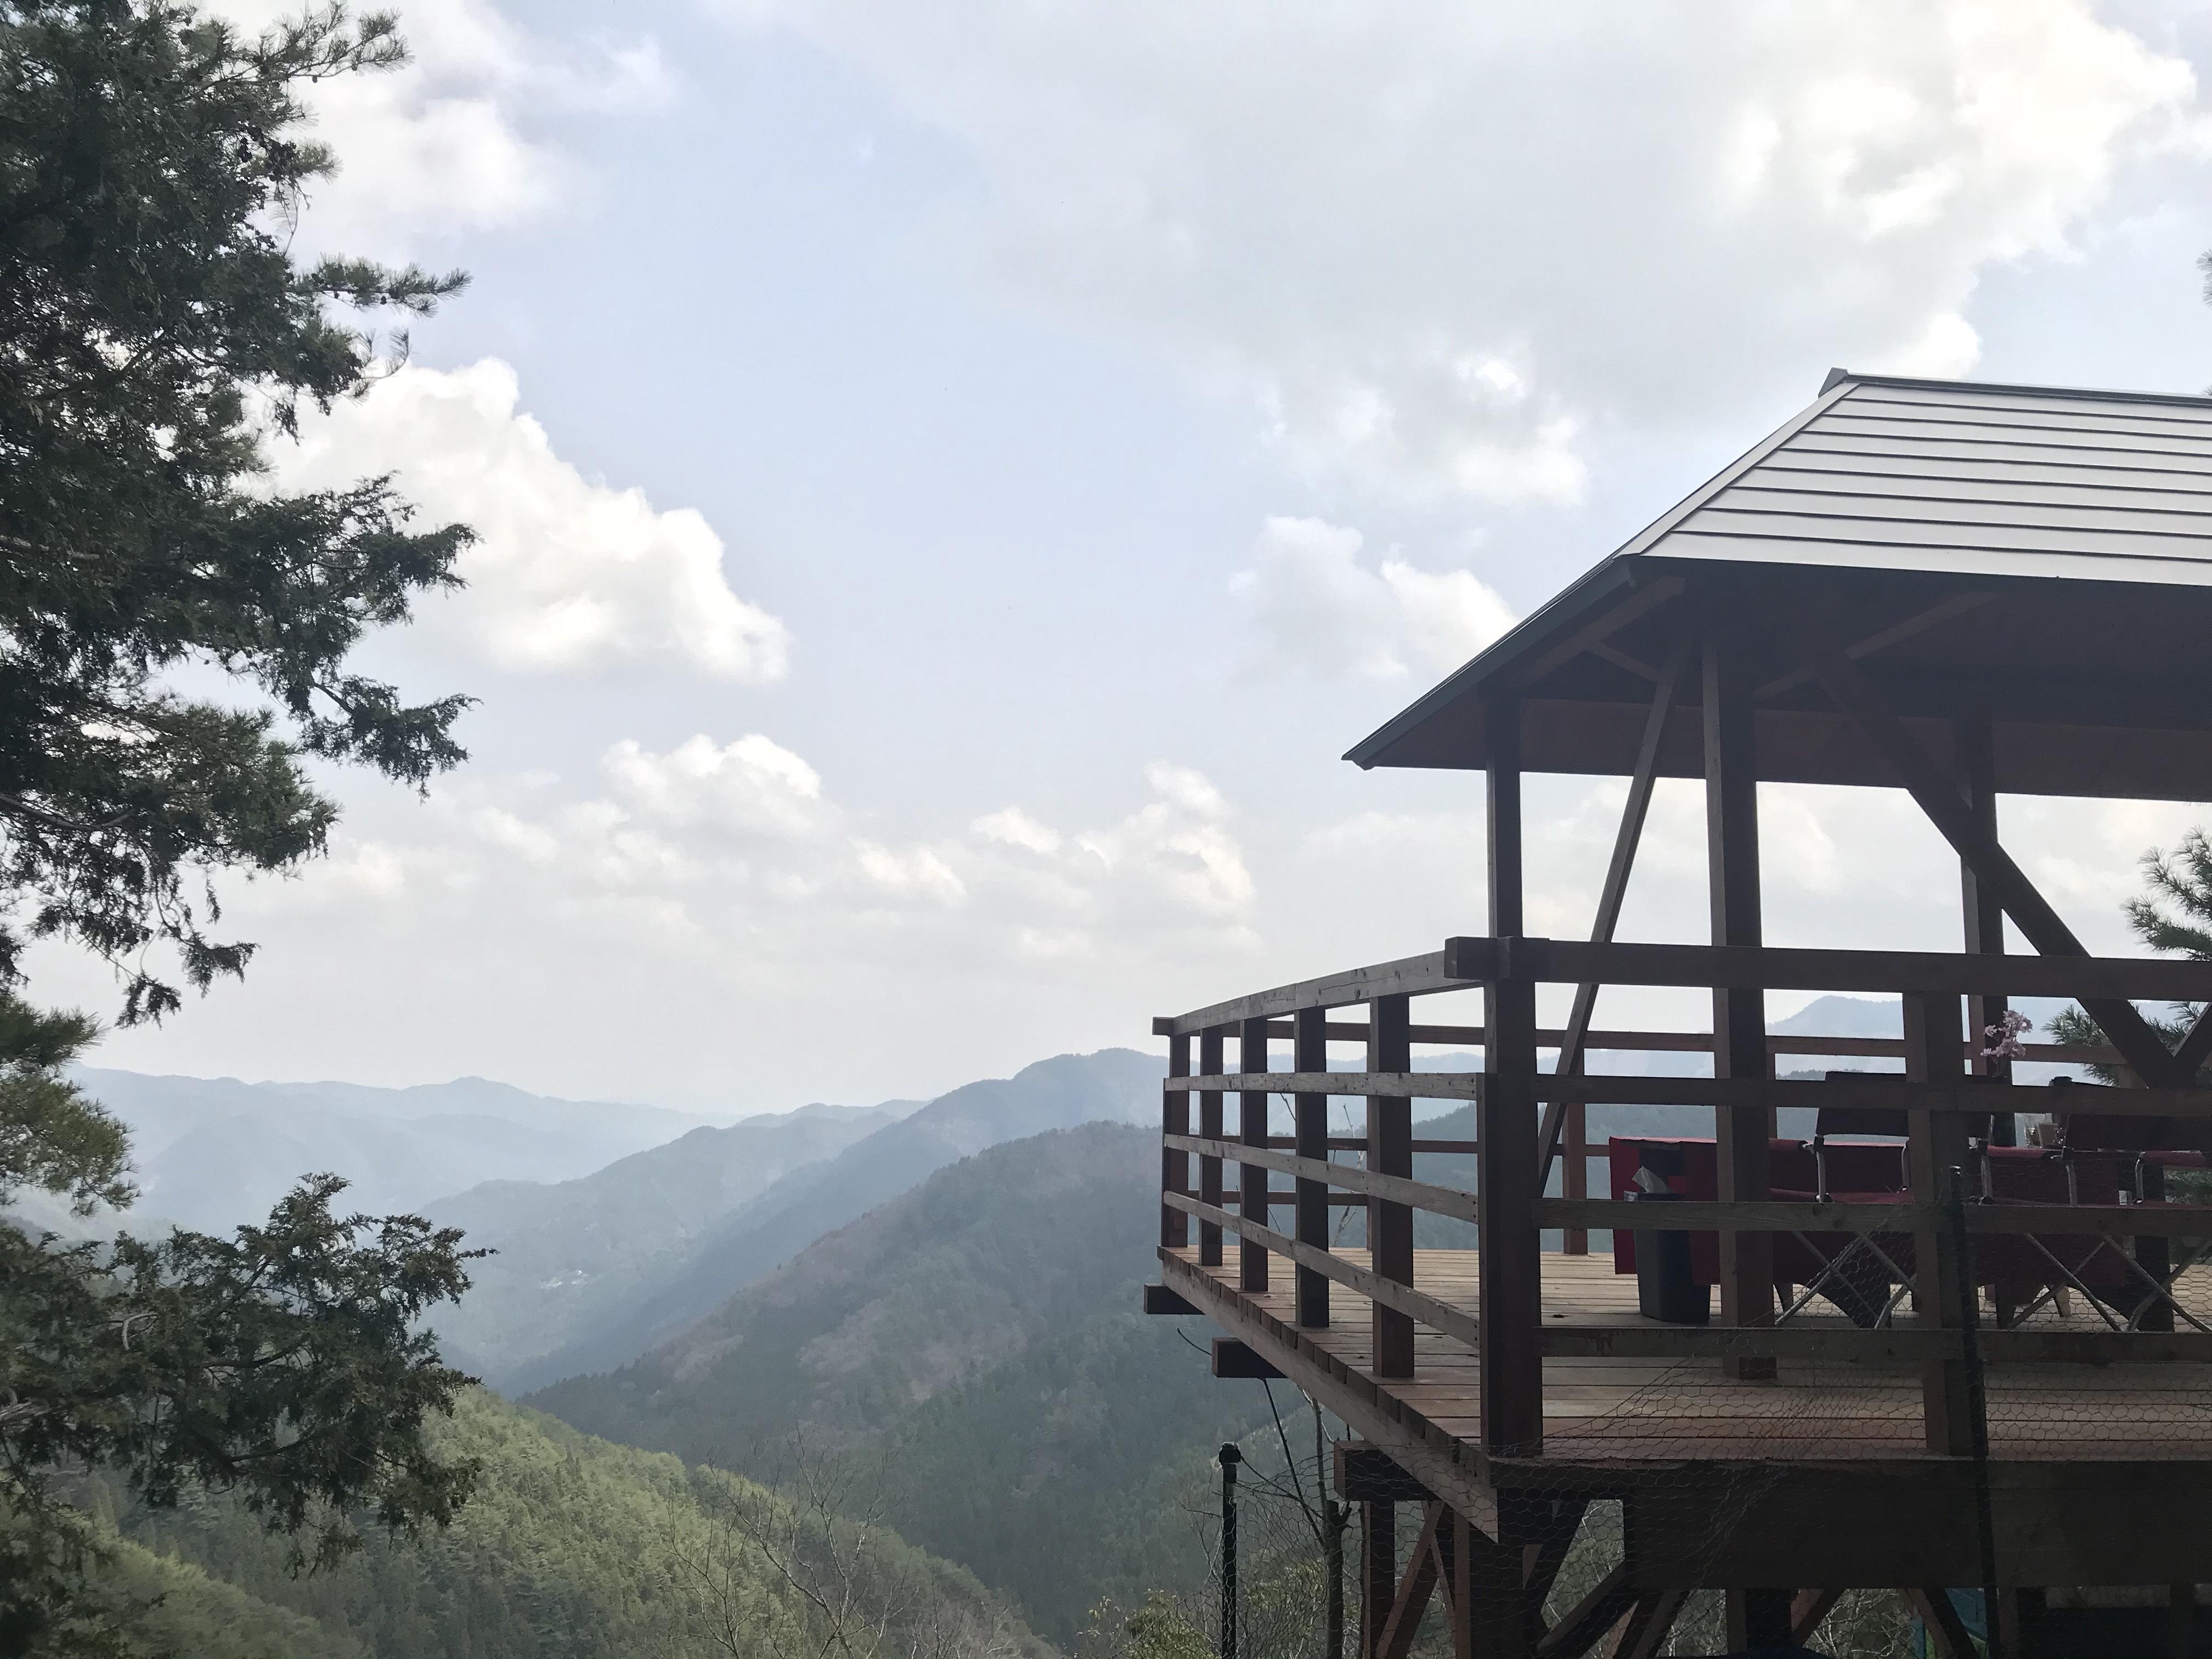 【奥之院デイツアー】生身供参拝&【森林の癒し】古道巡礼路ハイキング&【絶景】ランチ